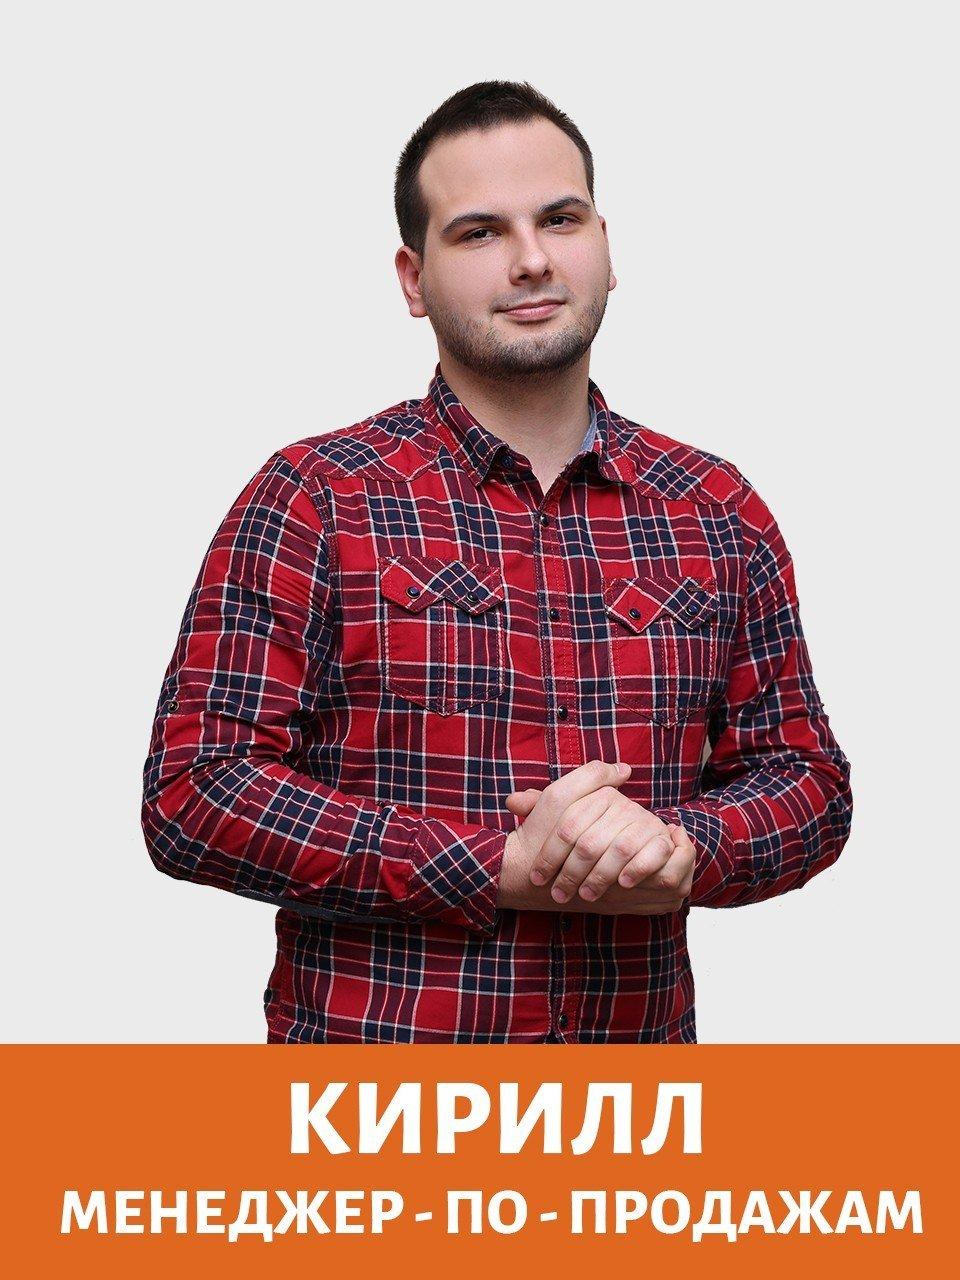 kirill-menedzhe-po-prodazham.jpg